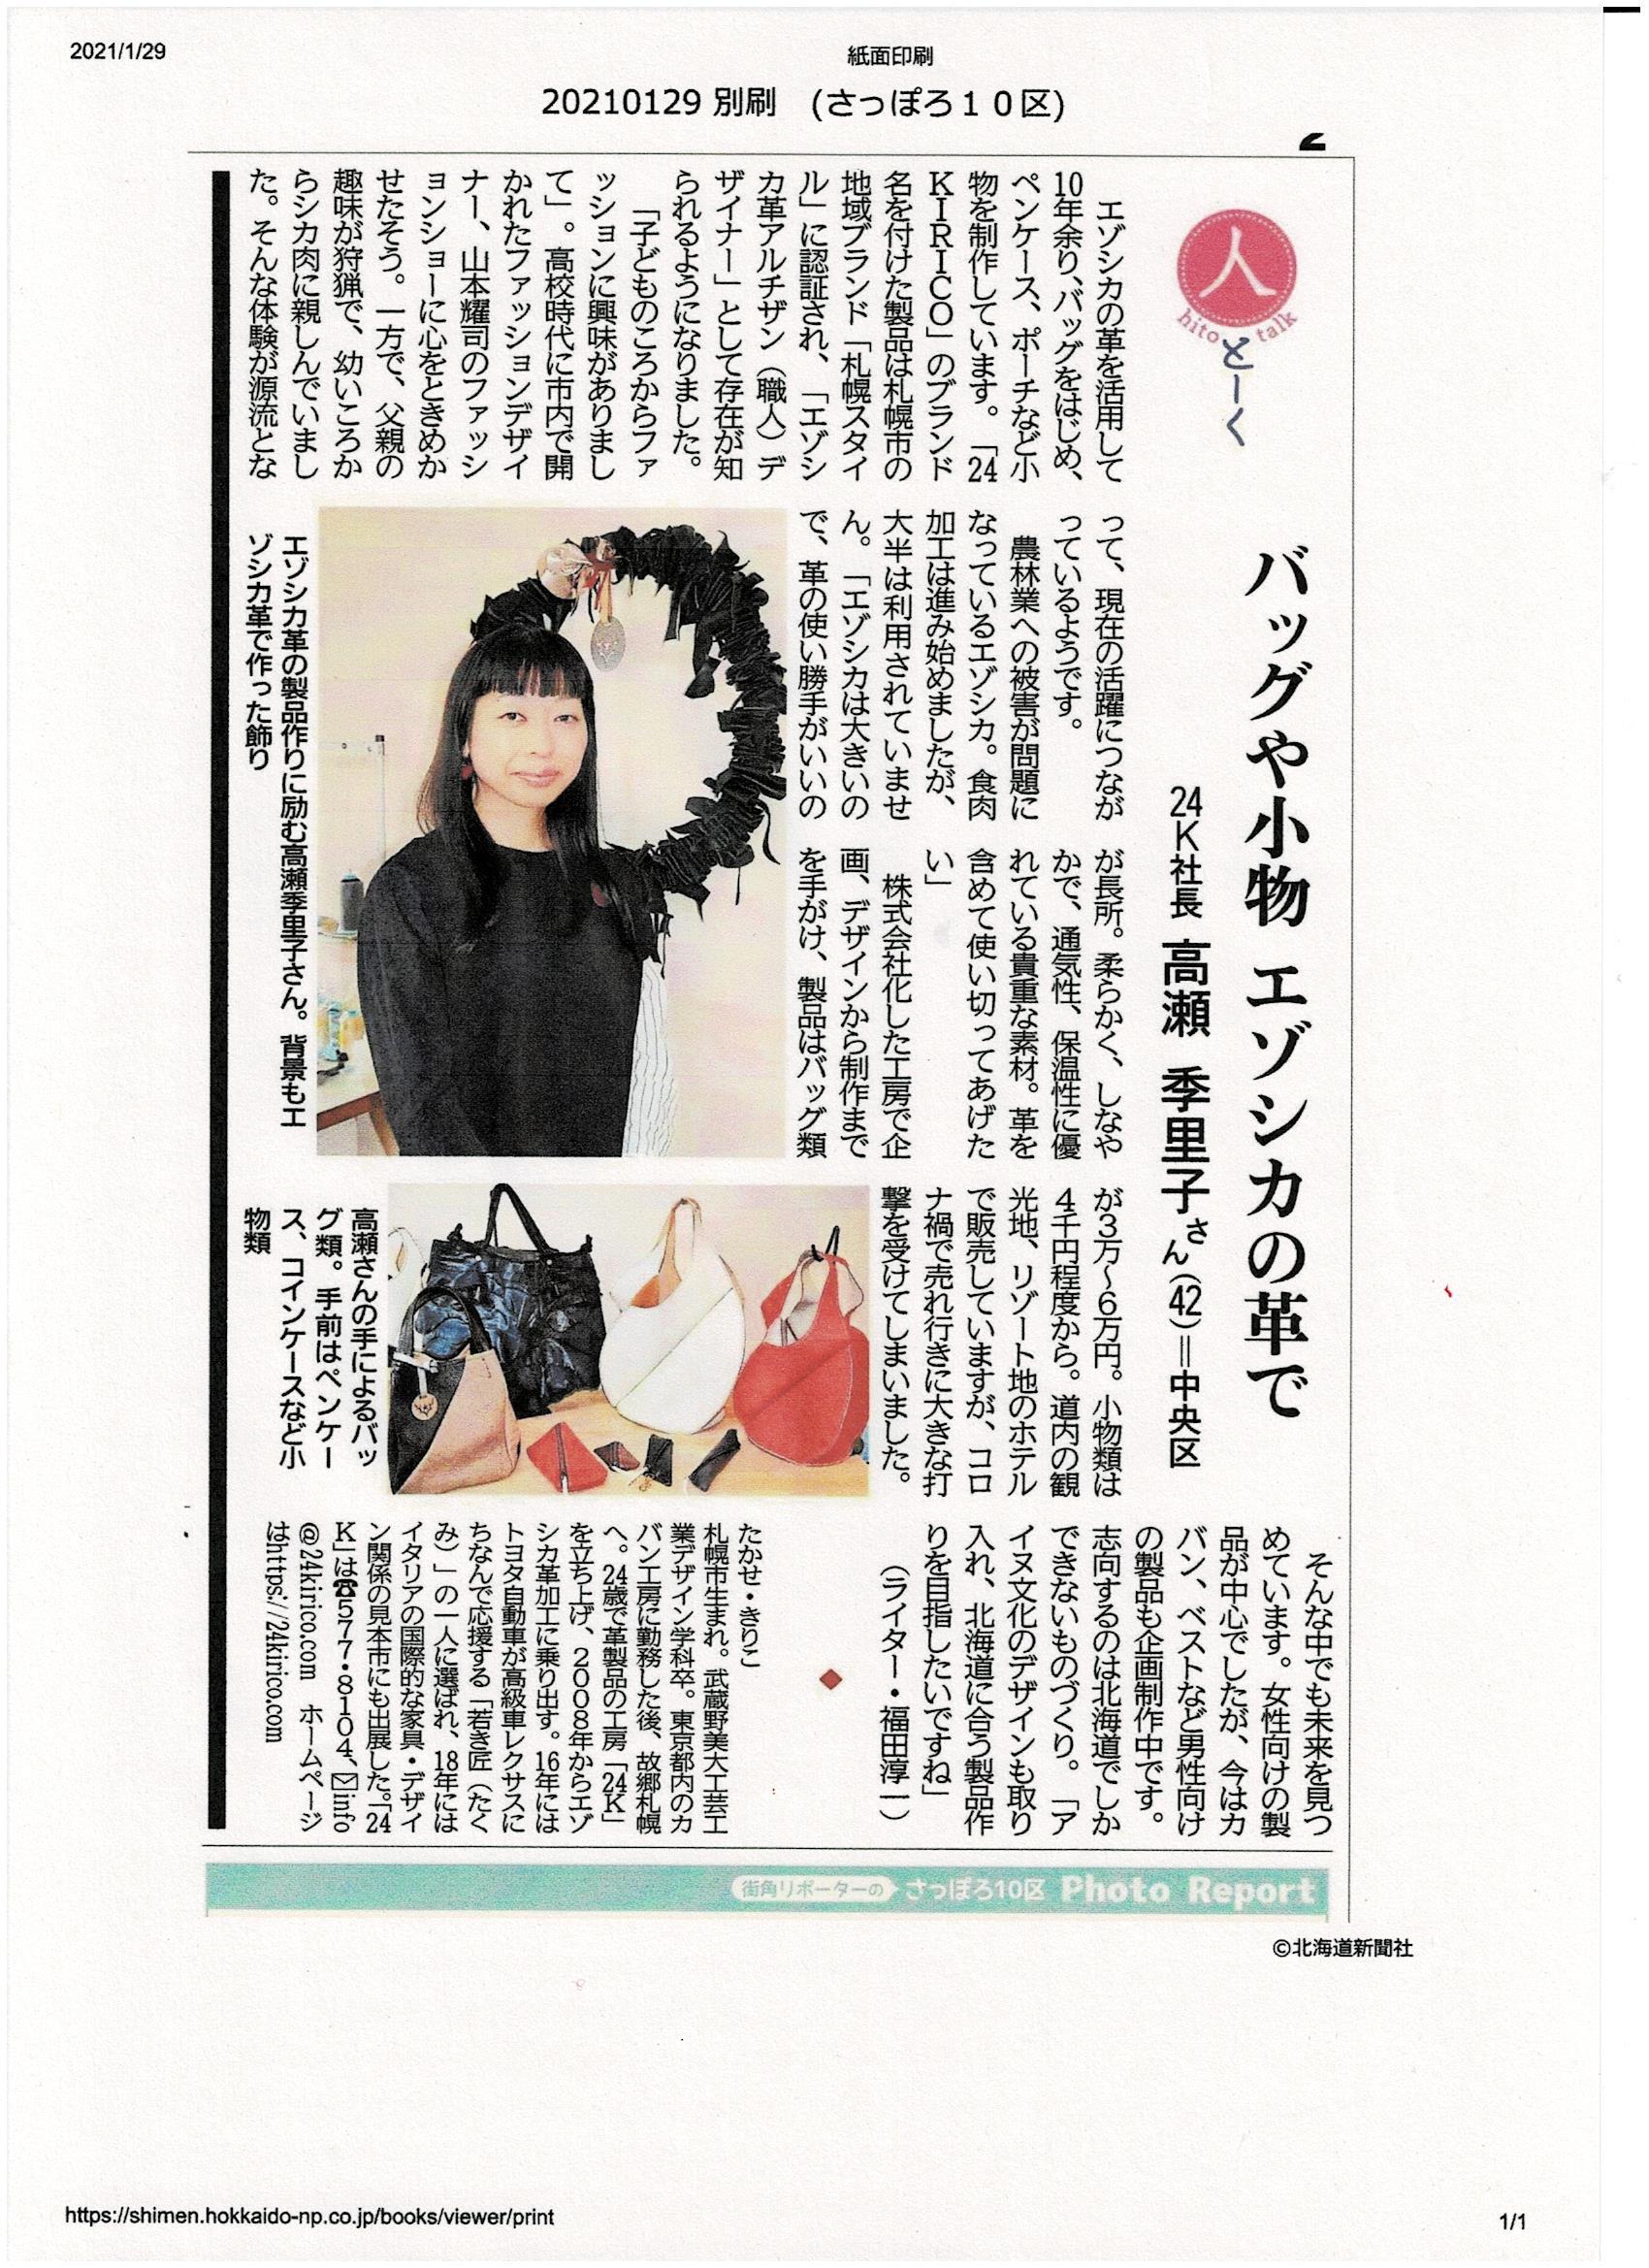 北海道新聞さっぽろ10区(1/29)に掲載されました!